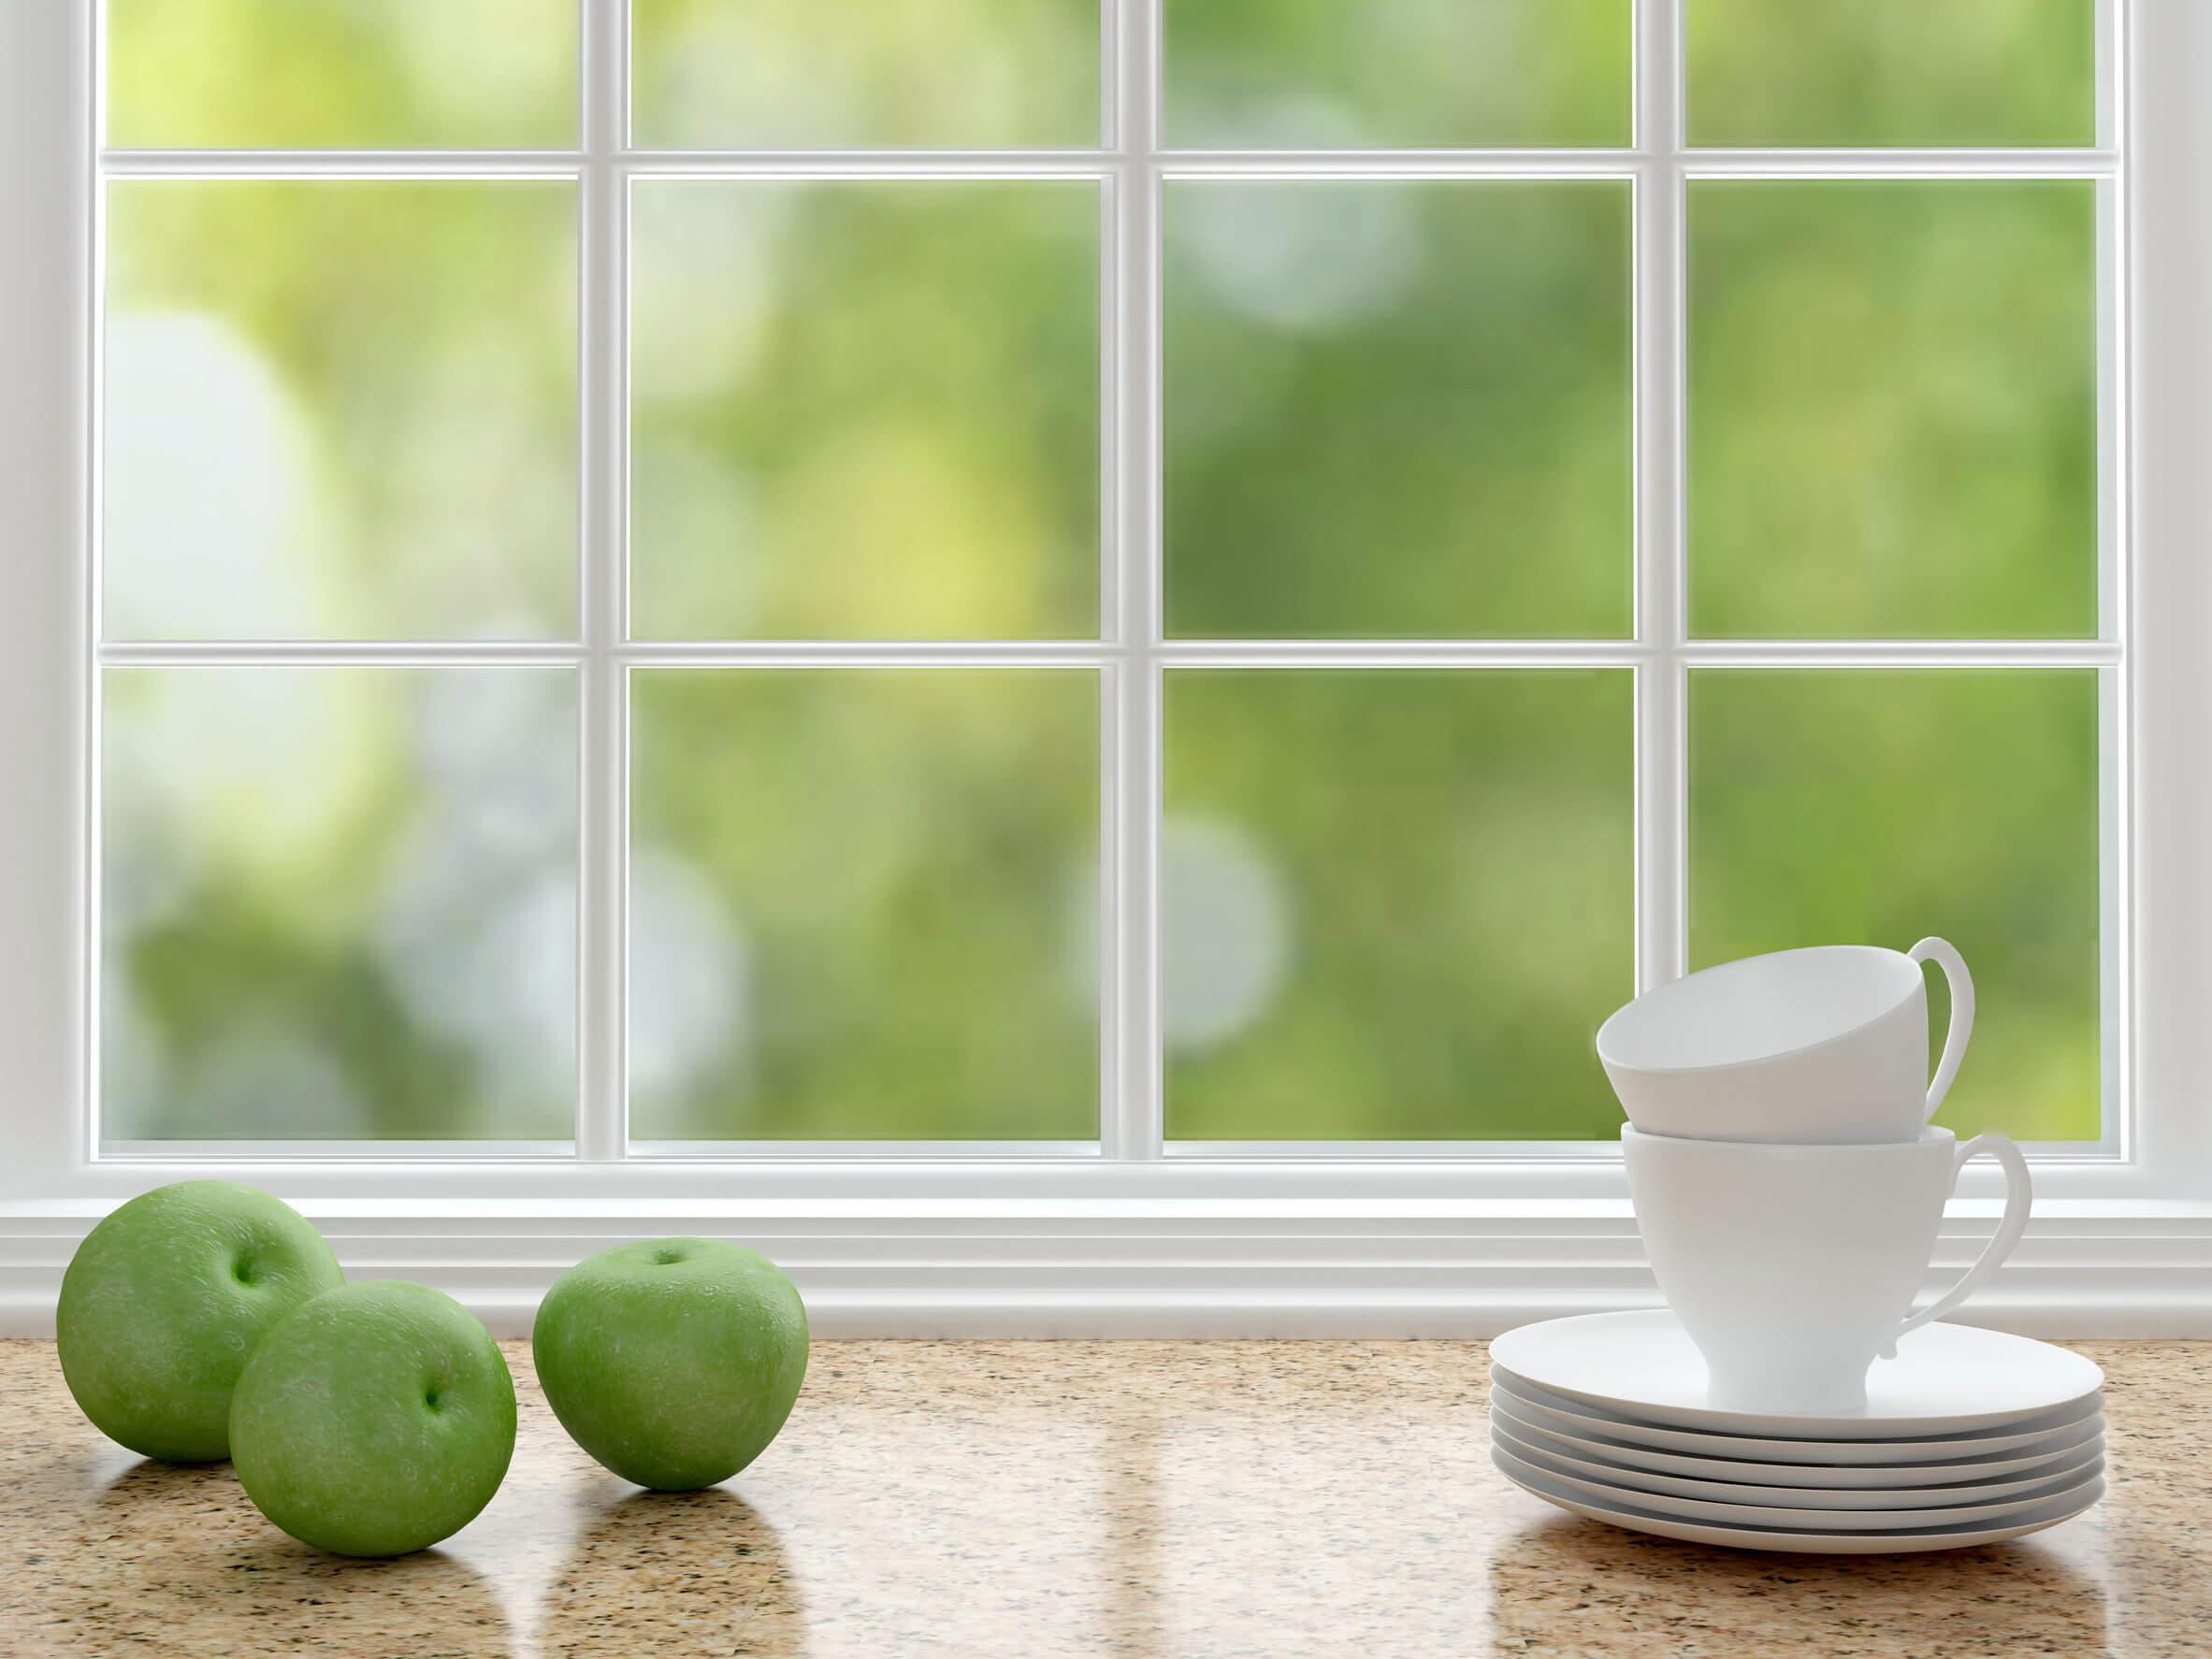 leštění oken bez leštících přípravků